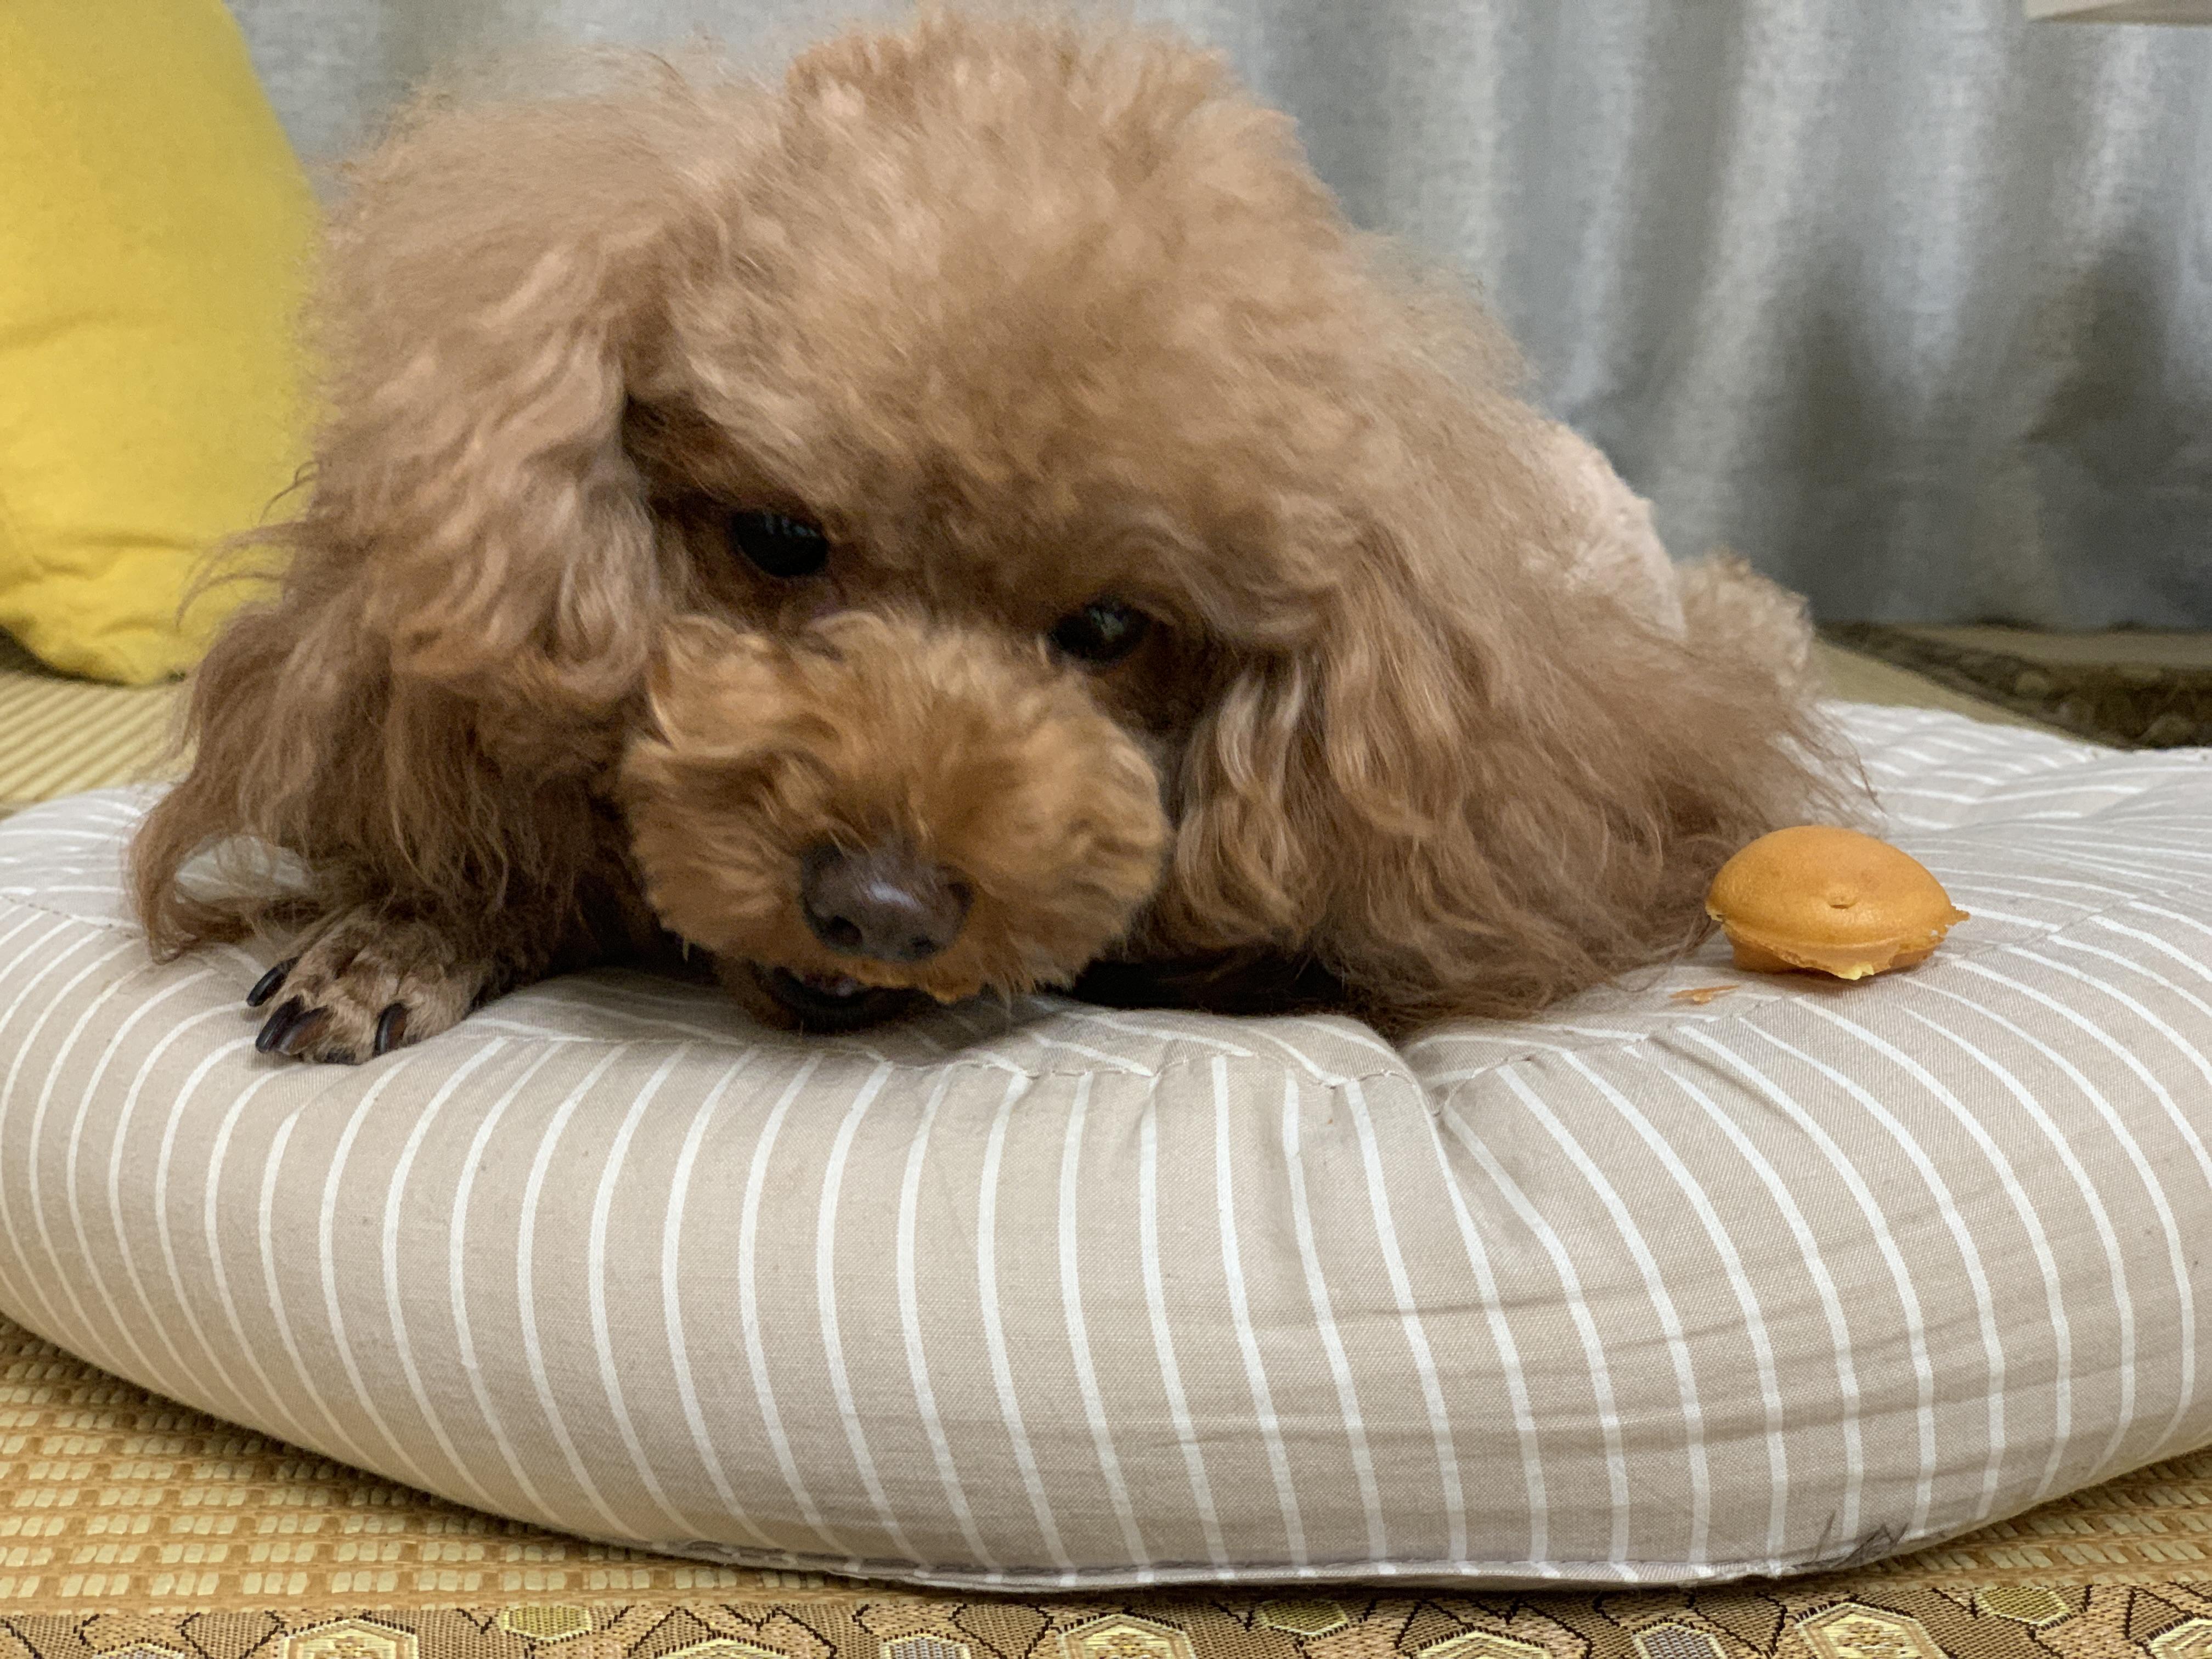 主人给了狗狗一块鸡蛋仔,它当成宝贝藏起来不舍得吃